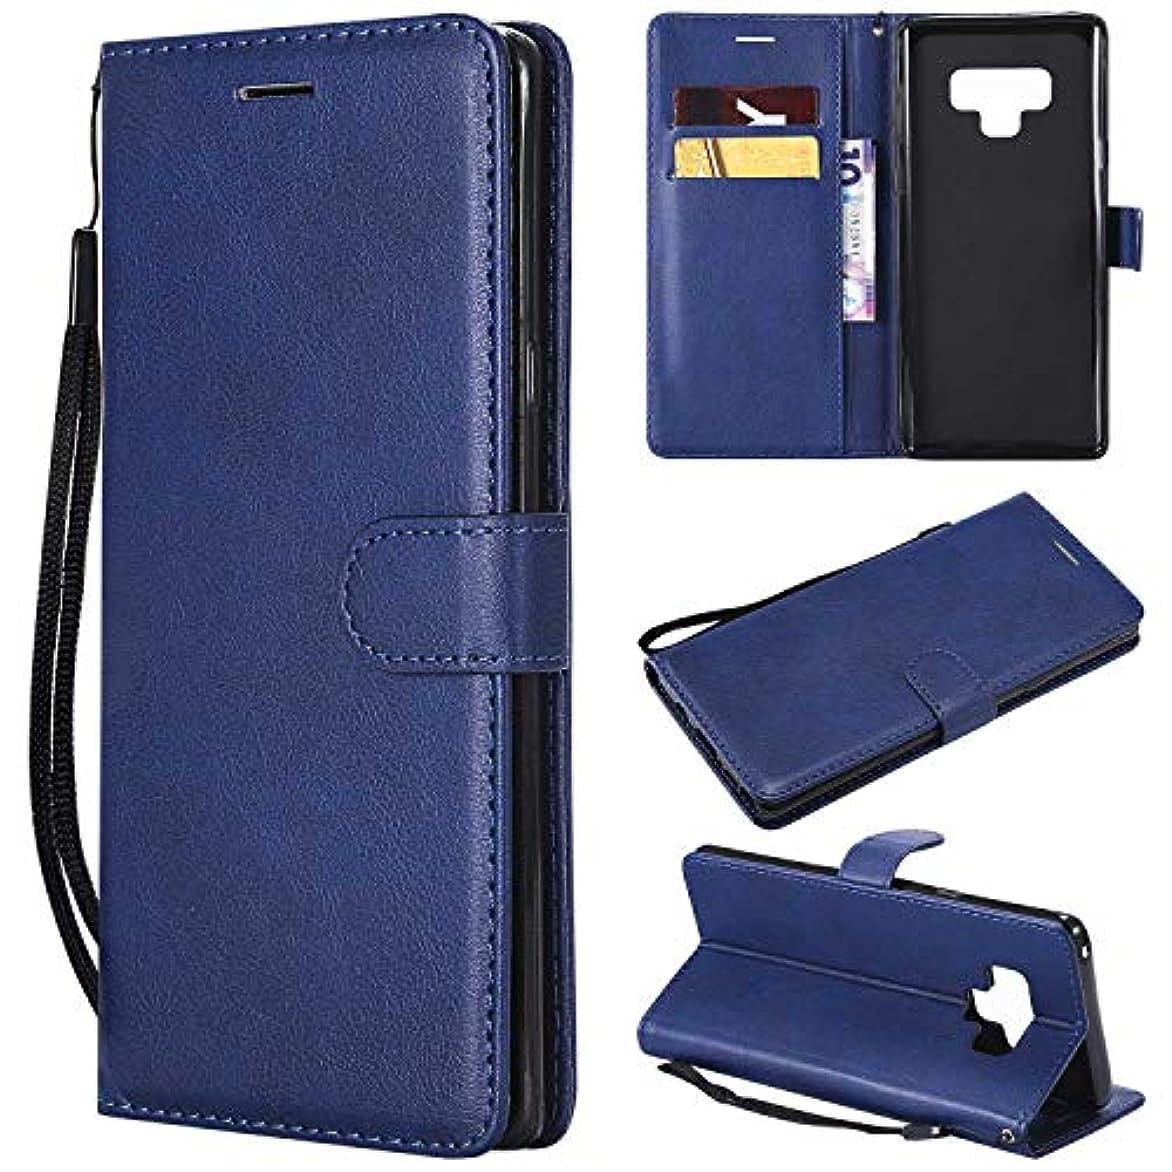 下向きほうき倫理Galaxy Note 9 ケース手帳型 OMATENTI レザー 革 薄型 手帳型カバー カード入れ スタンド機能 サムスン Galaxy Note 9 おしゃれ 手帳ケース (6-ブルー)